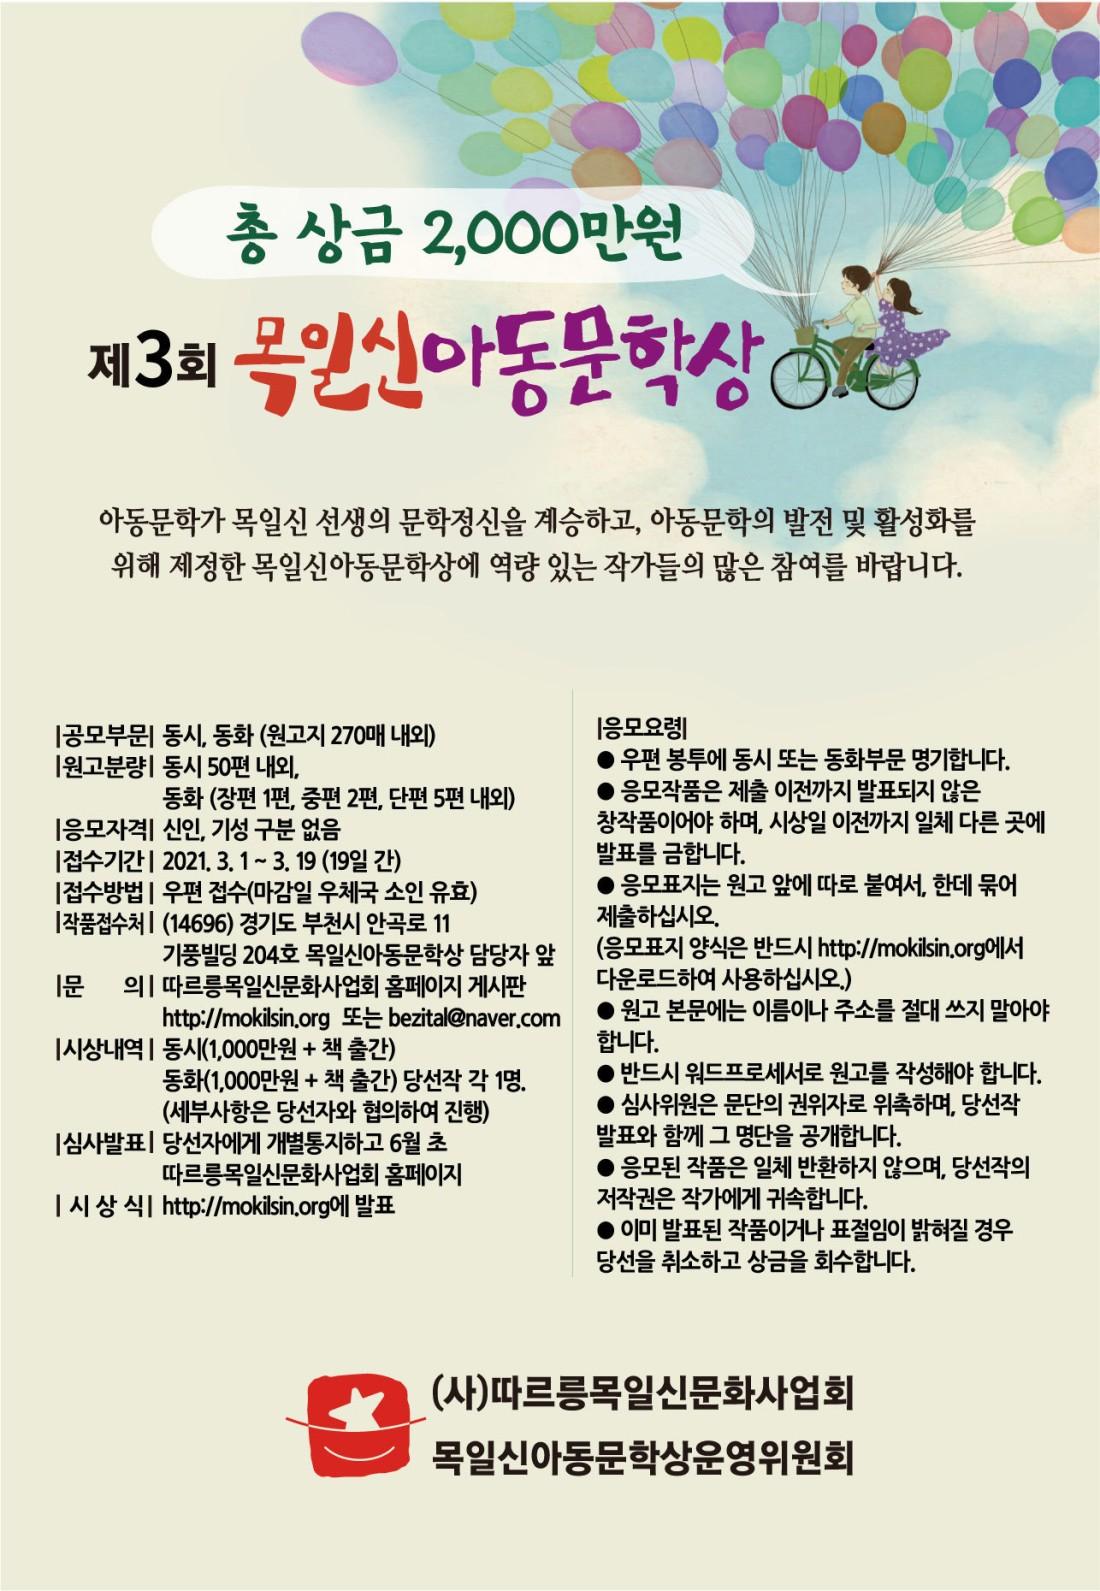 제3회 목일신아동문학상 작품 공모 포스터.